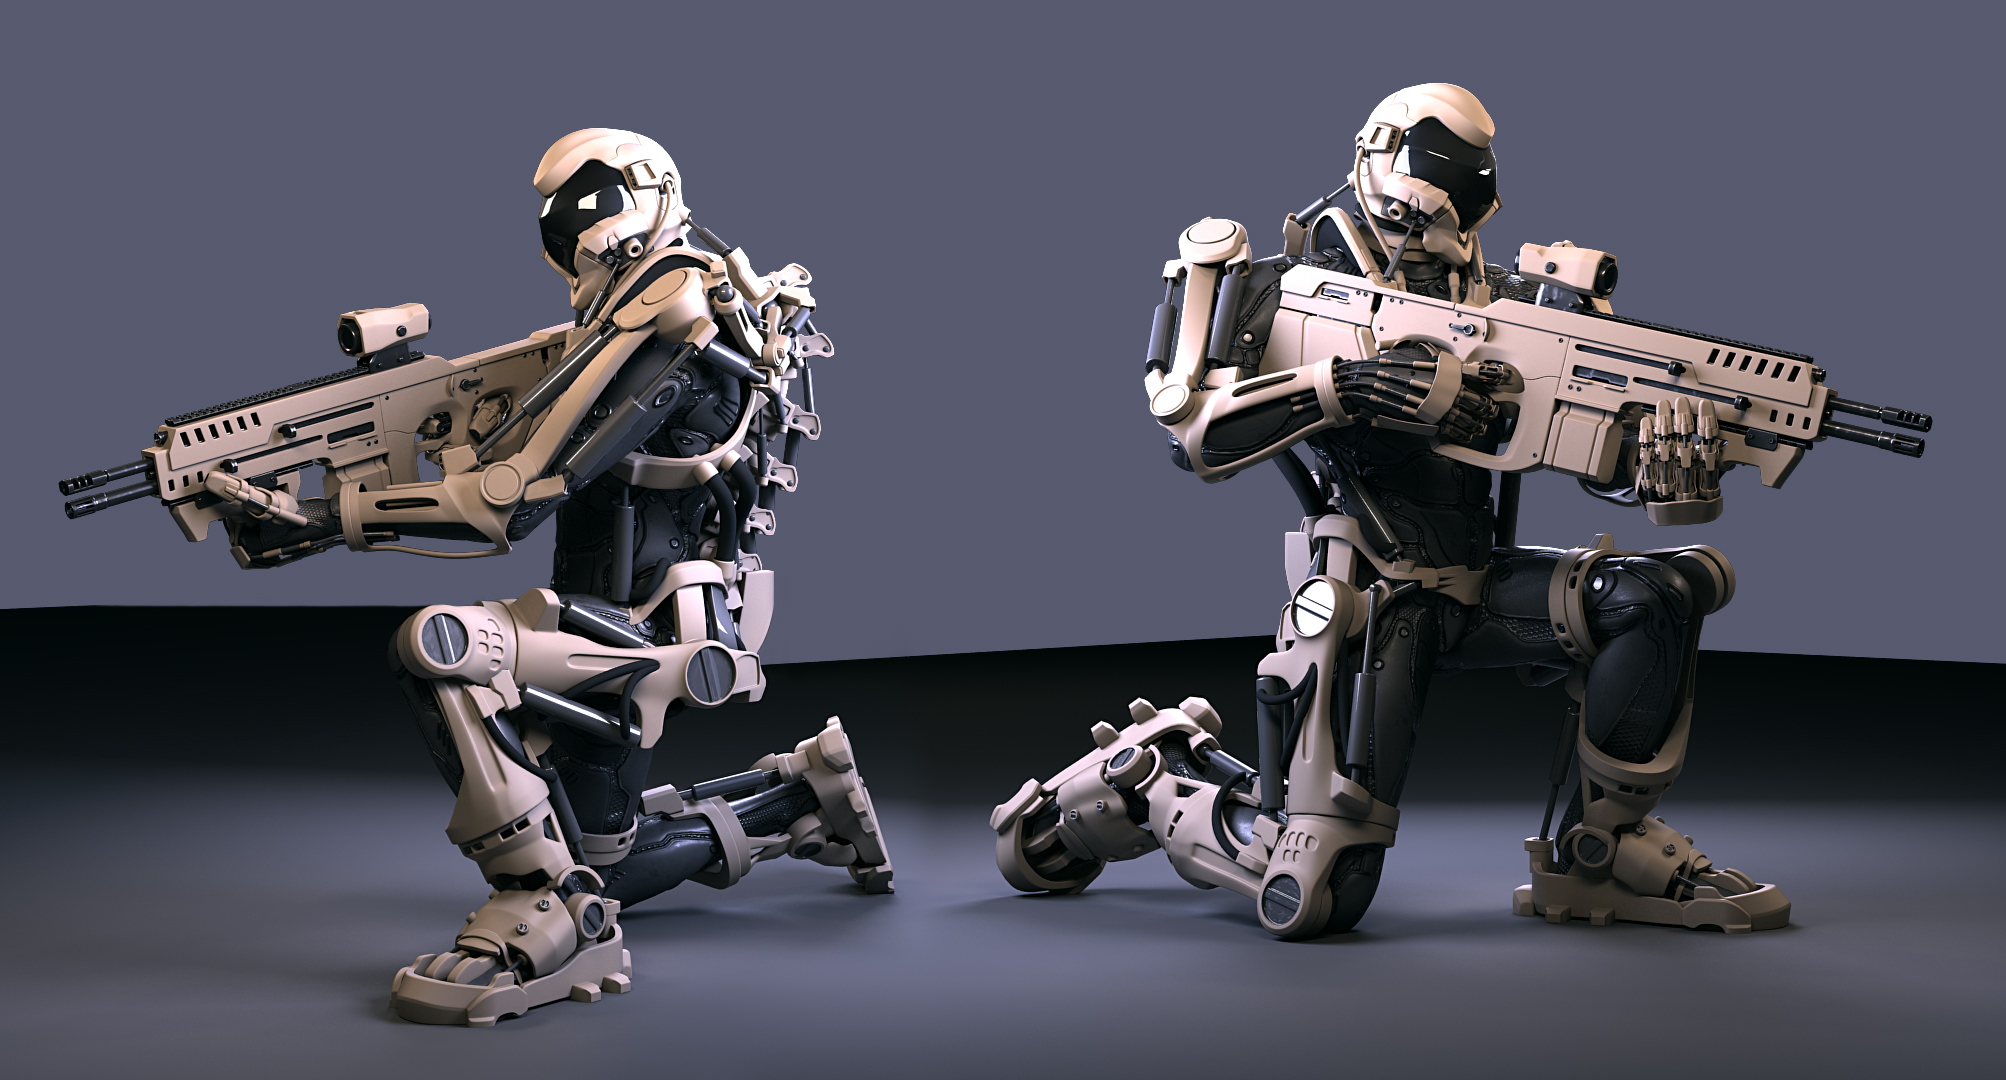 super soldier exoskeleton with Gun 1 wip